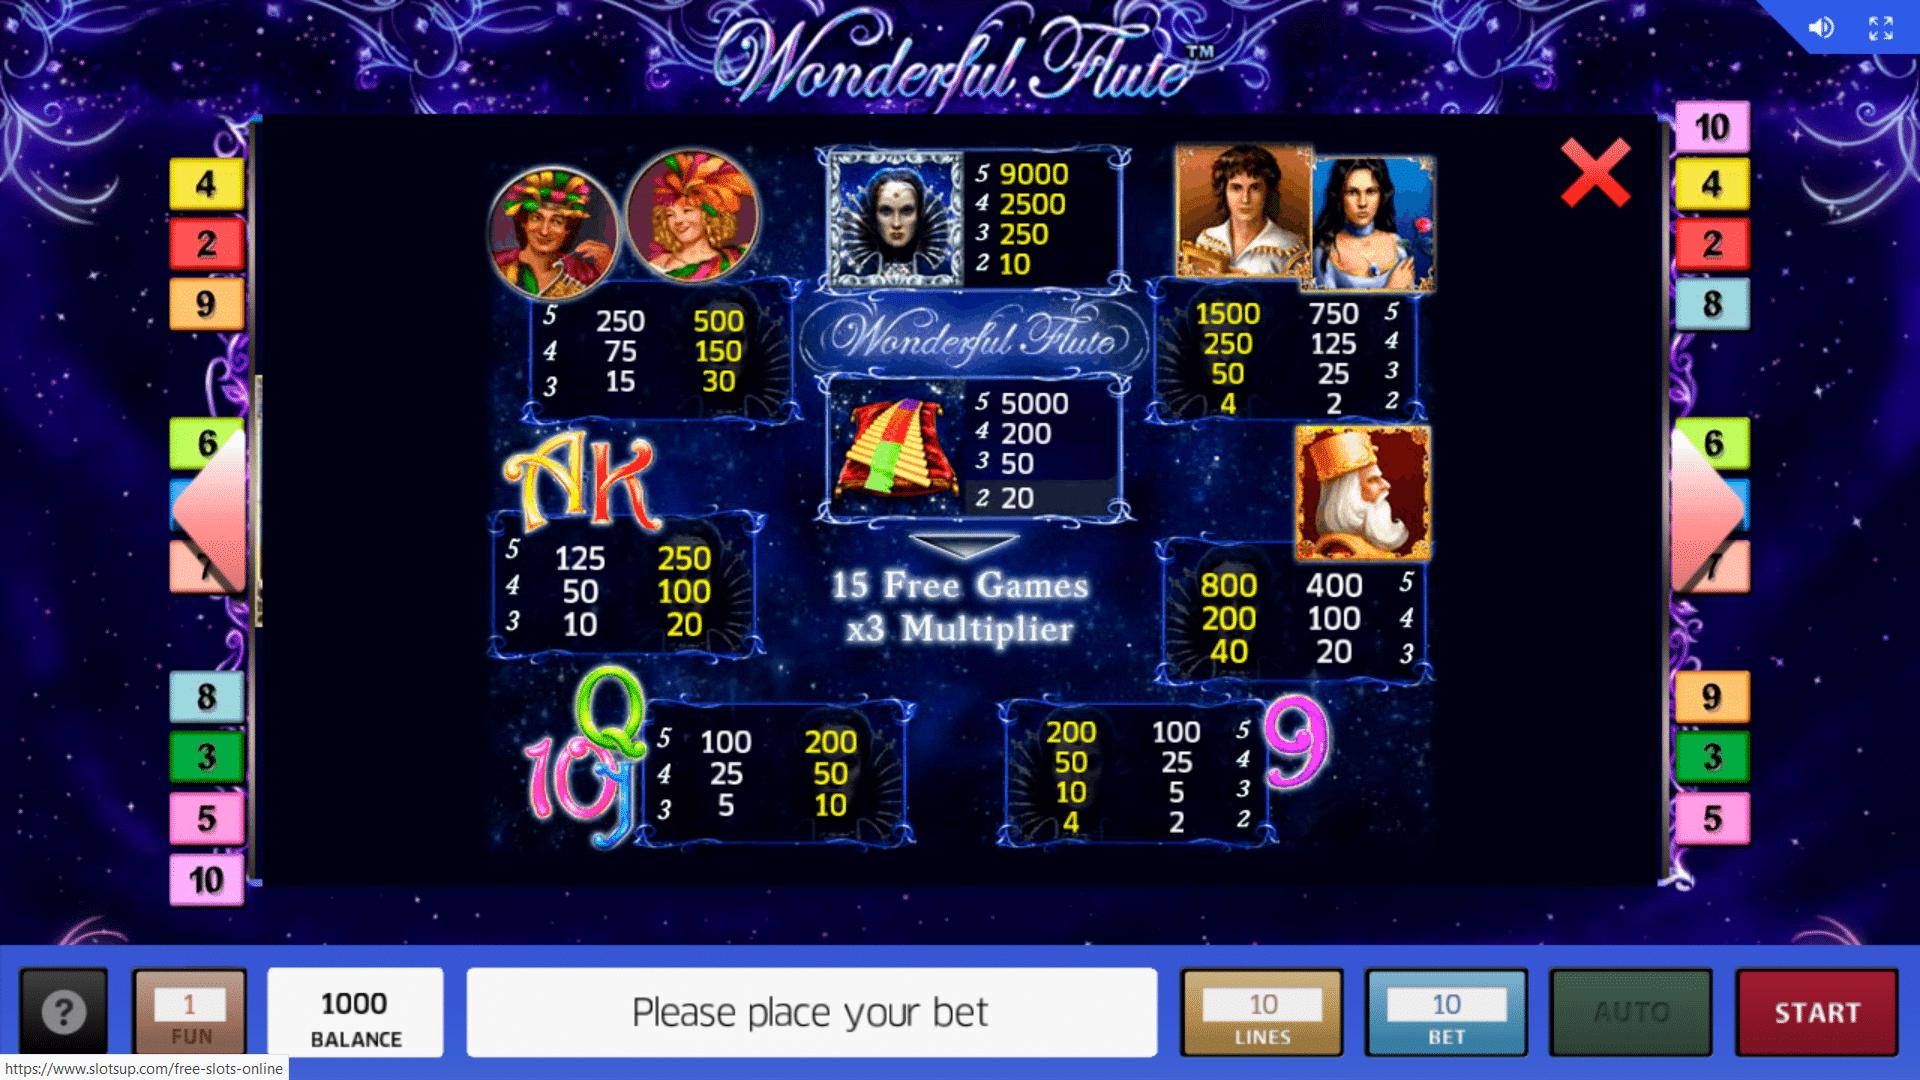 Tabella Pagamenti della Slot gratis The Magic Flute